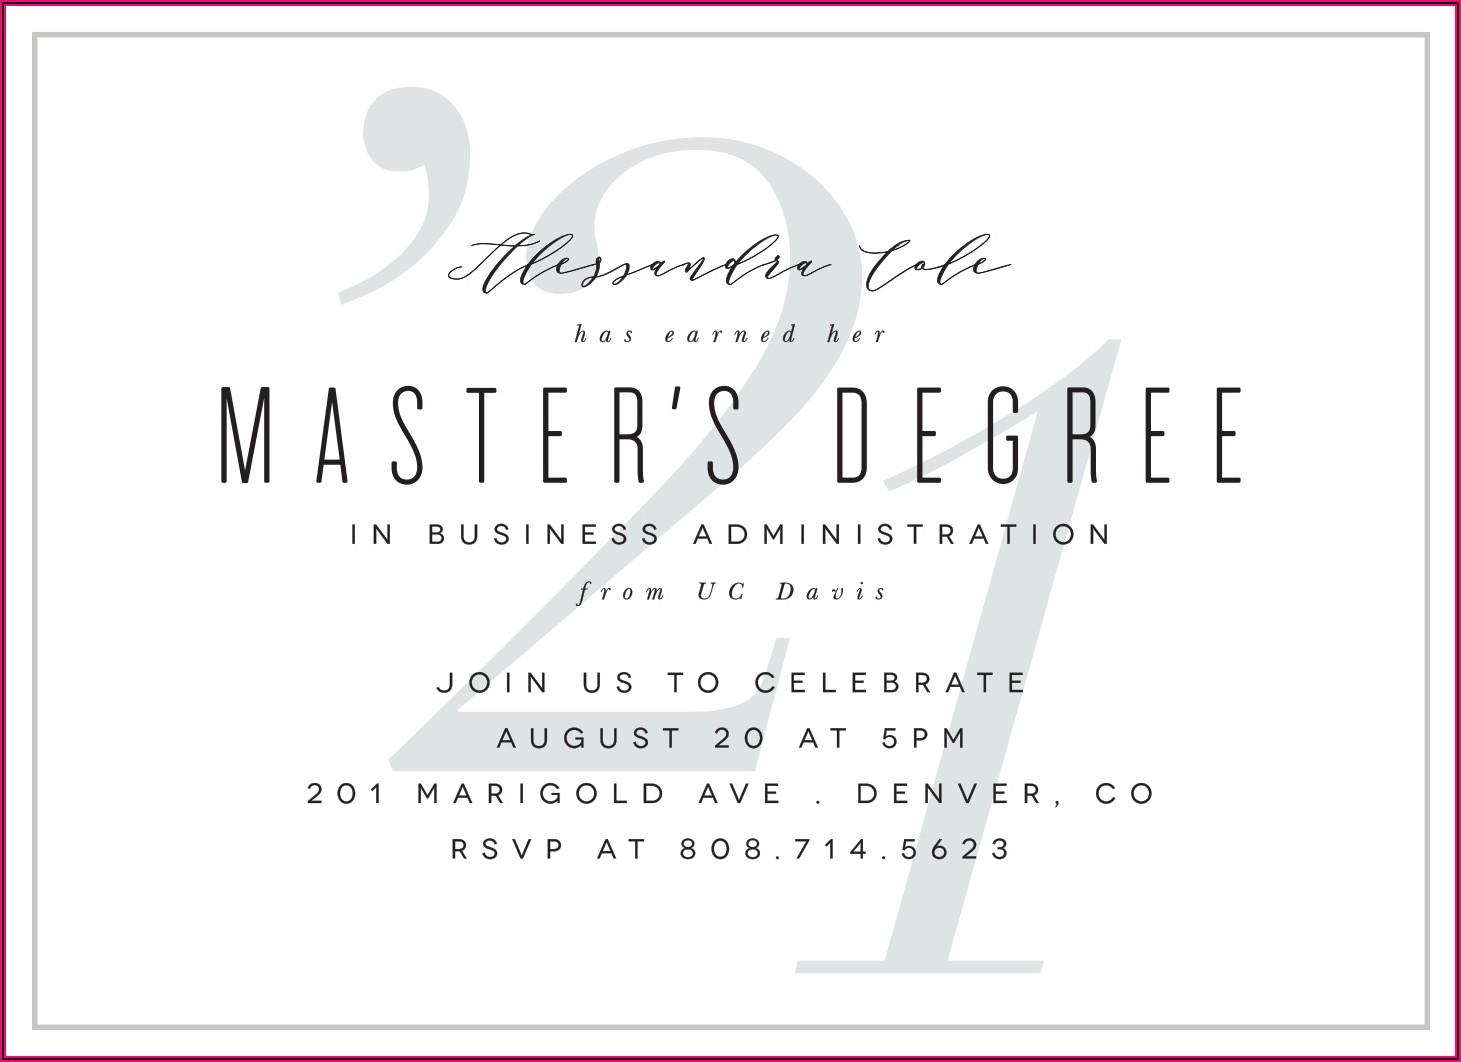 Master's Degree Graduation Announcement Etiquette